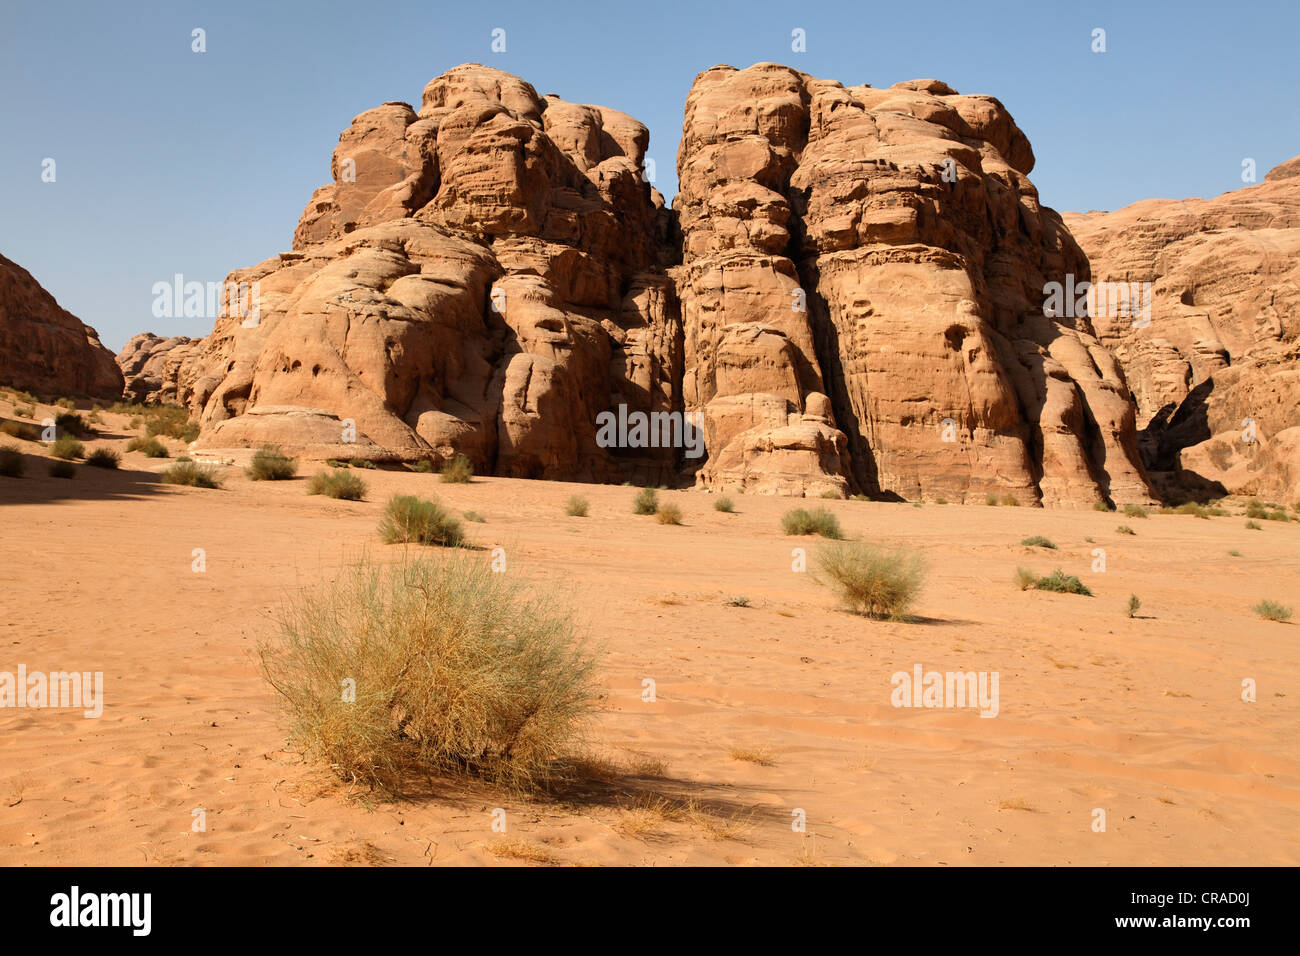 Des plaines, montagnes et désert, Wadi Rum, Royaume hachémite de Jordanie, Moyen-Orient, Asie Photo Stock